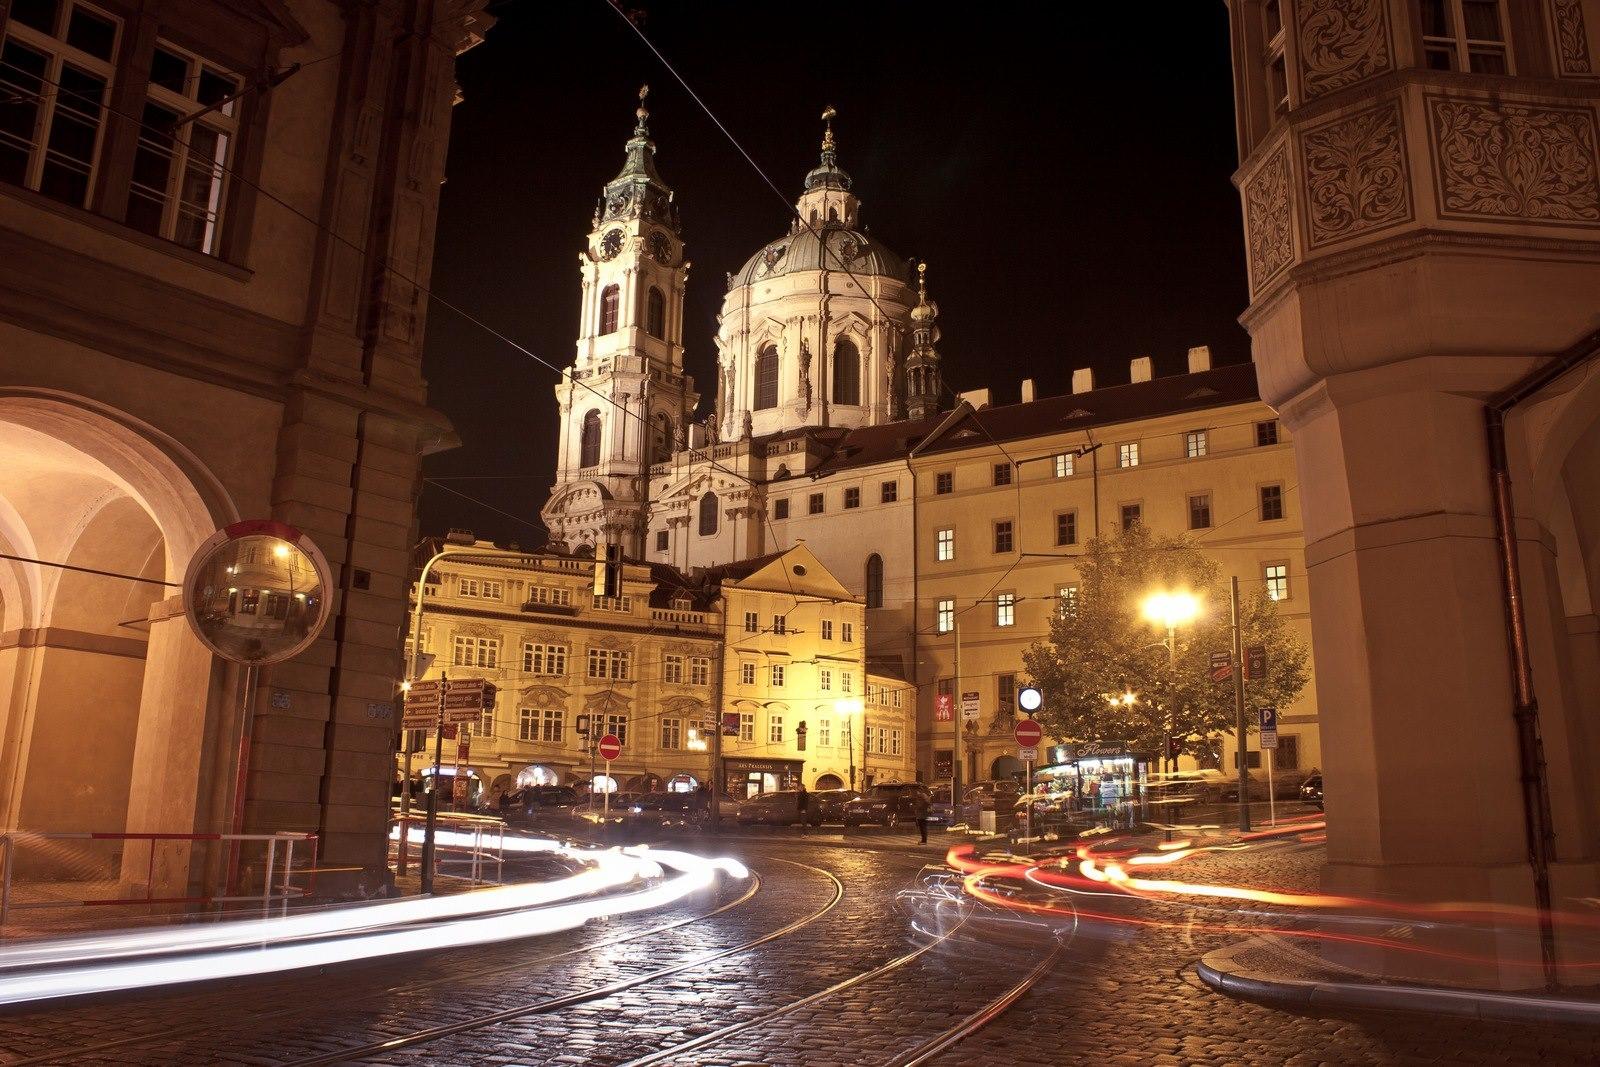 Malostranské náměstí - Foto: Marek Nahodil